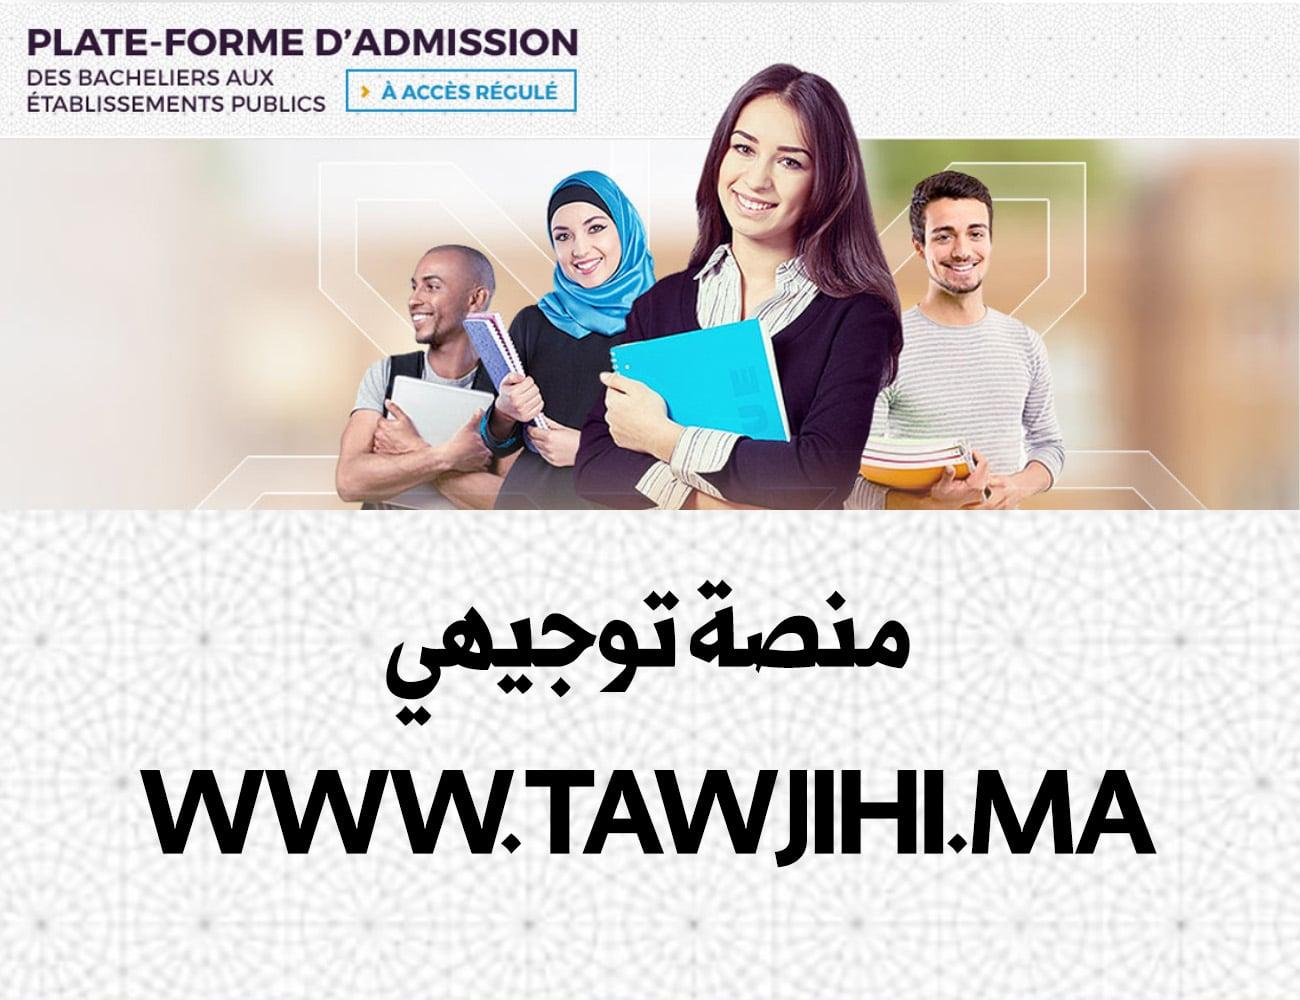 منصة توجيهي www.tawjihi.ma بوابة ولوج المؤسسات الجامعية ذات الإستقطاب المحدود